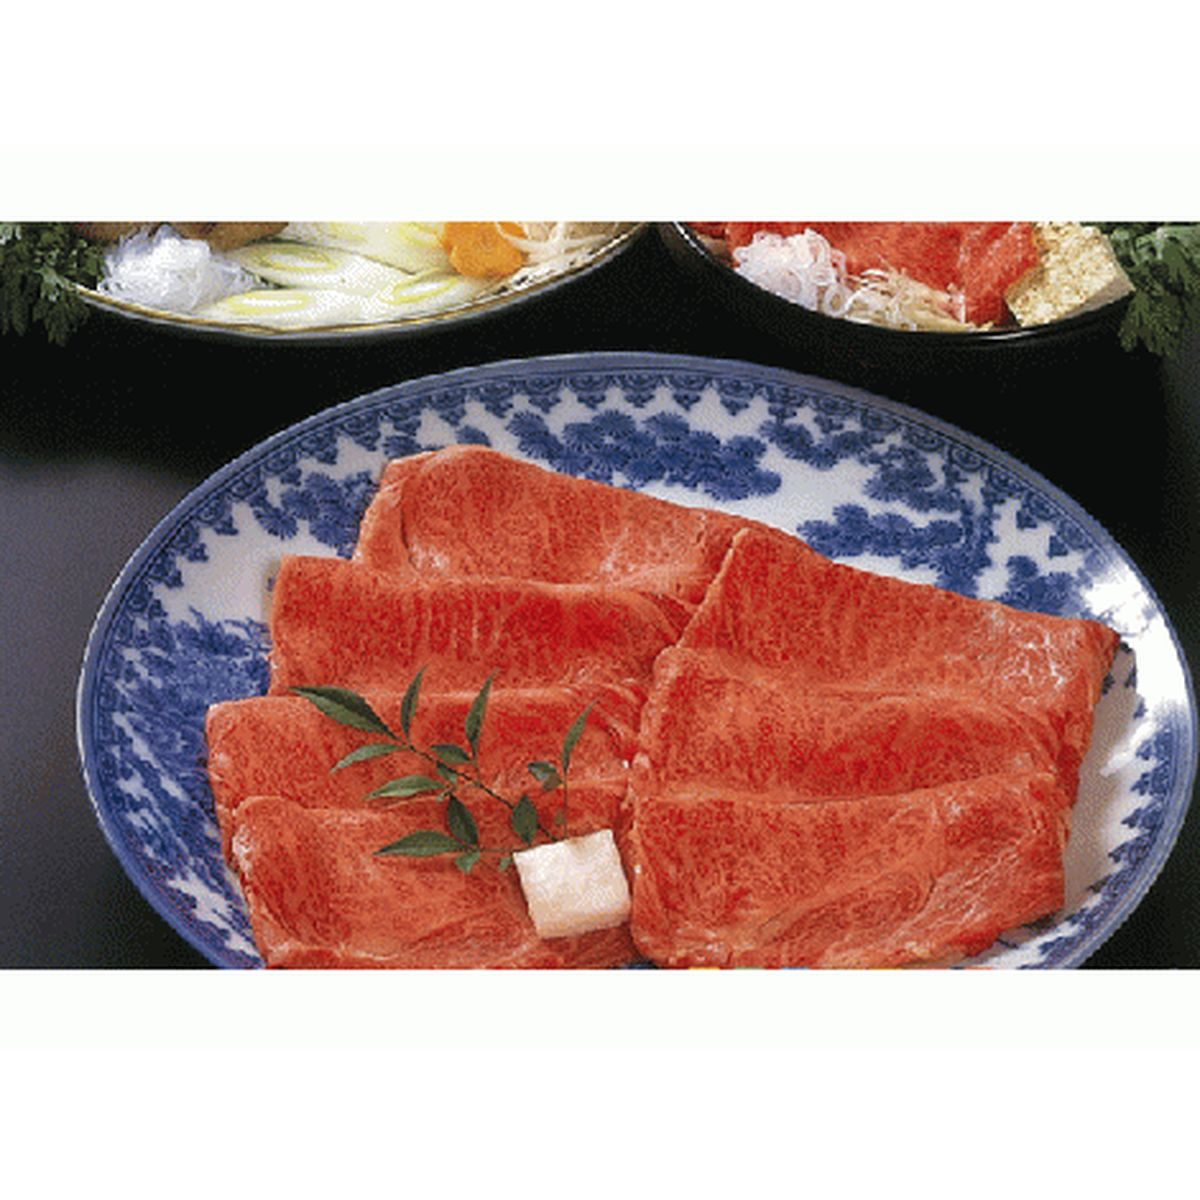 【送料無料】米澤紀伊国屋 米沢牛 モモ すき焼き用 300g